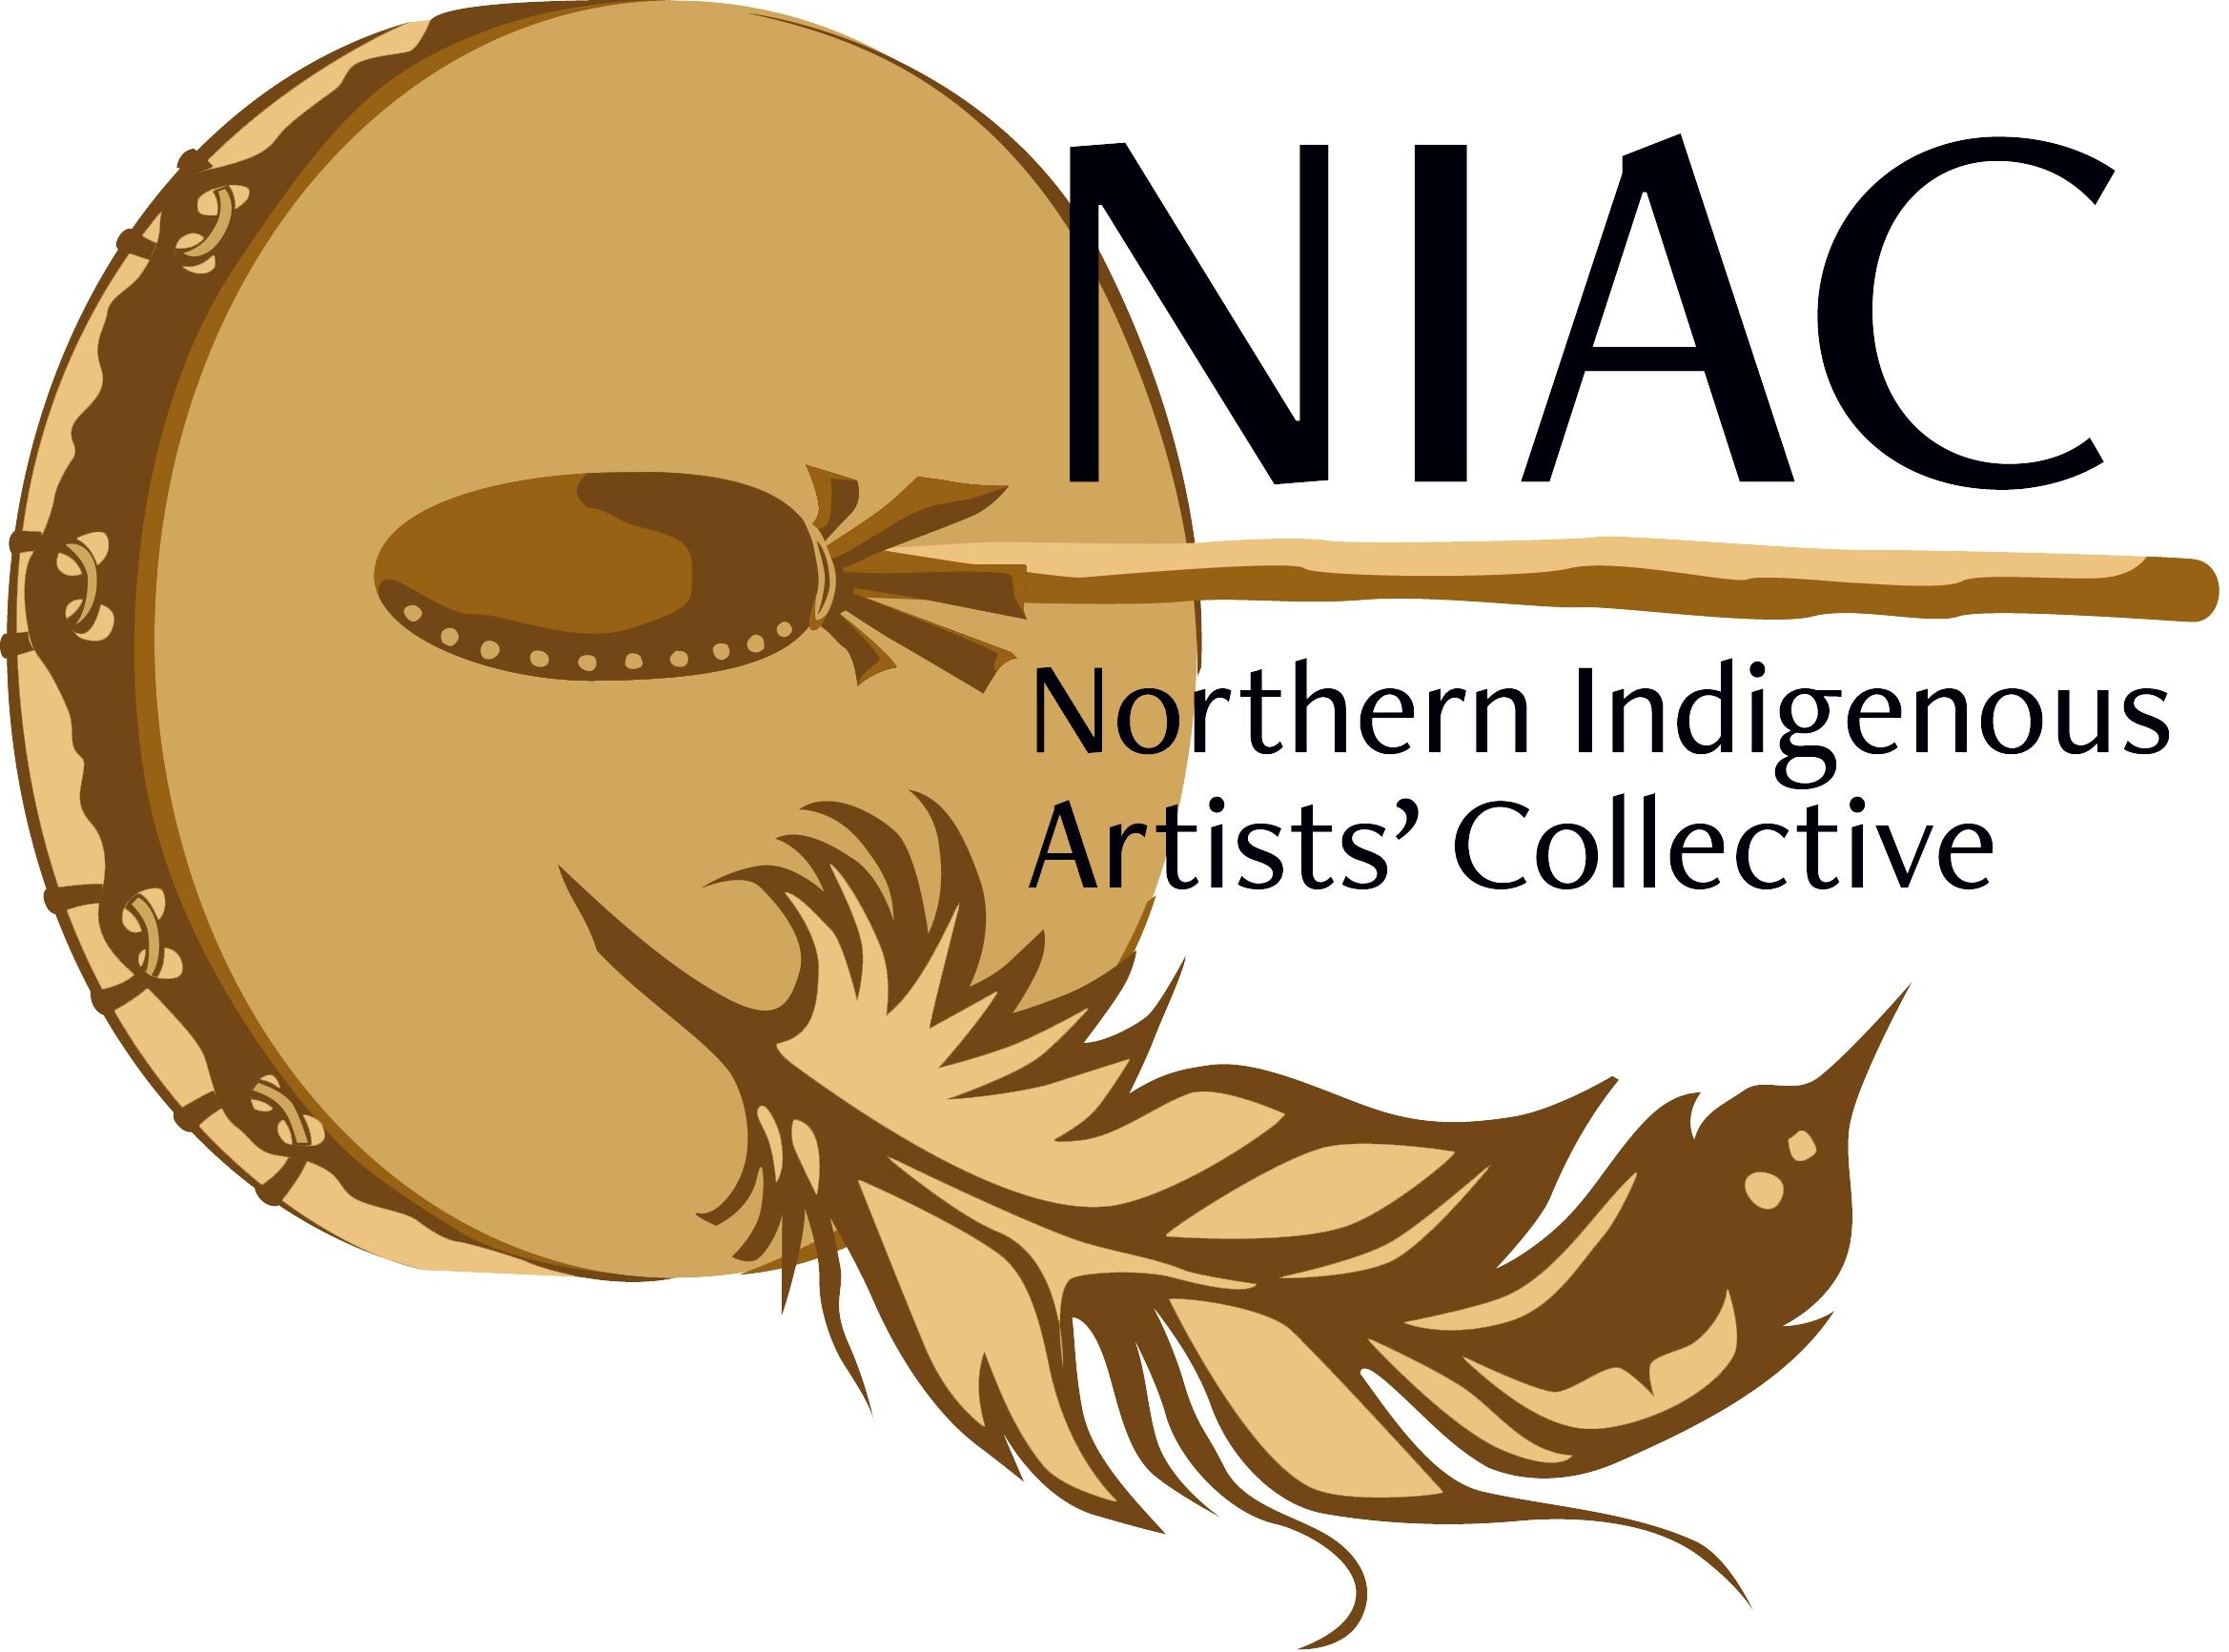 NIAC_LogoForUse.jpg